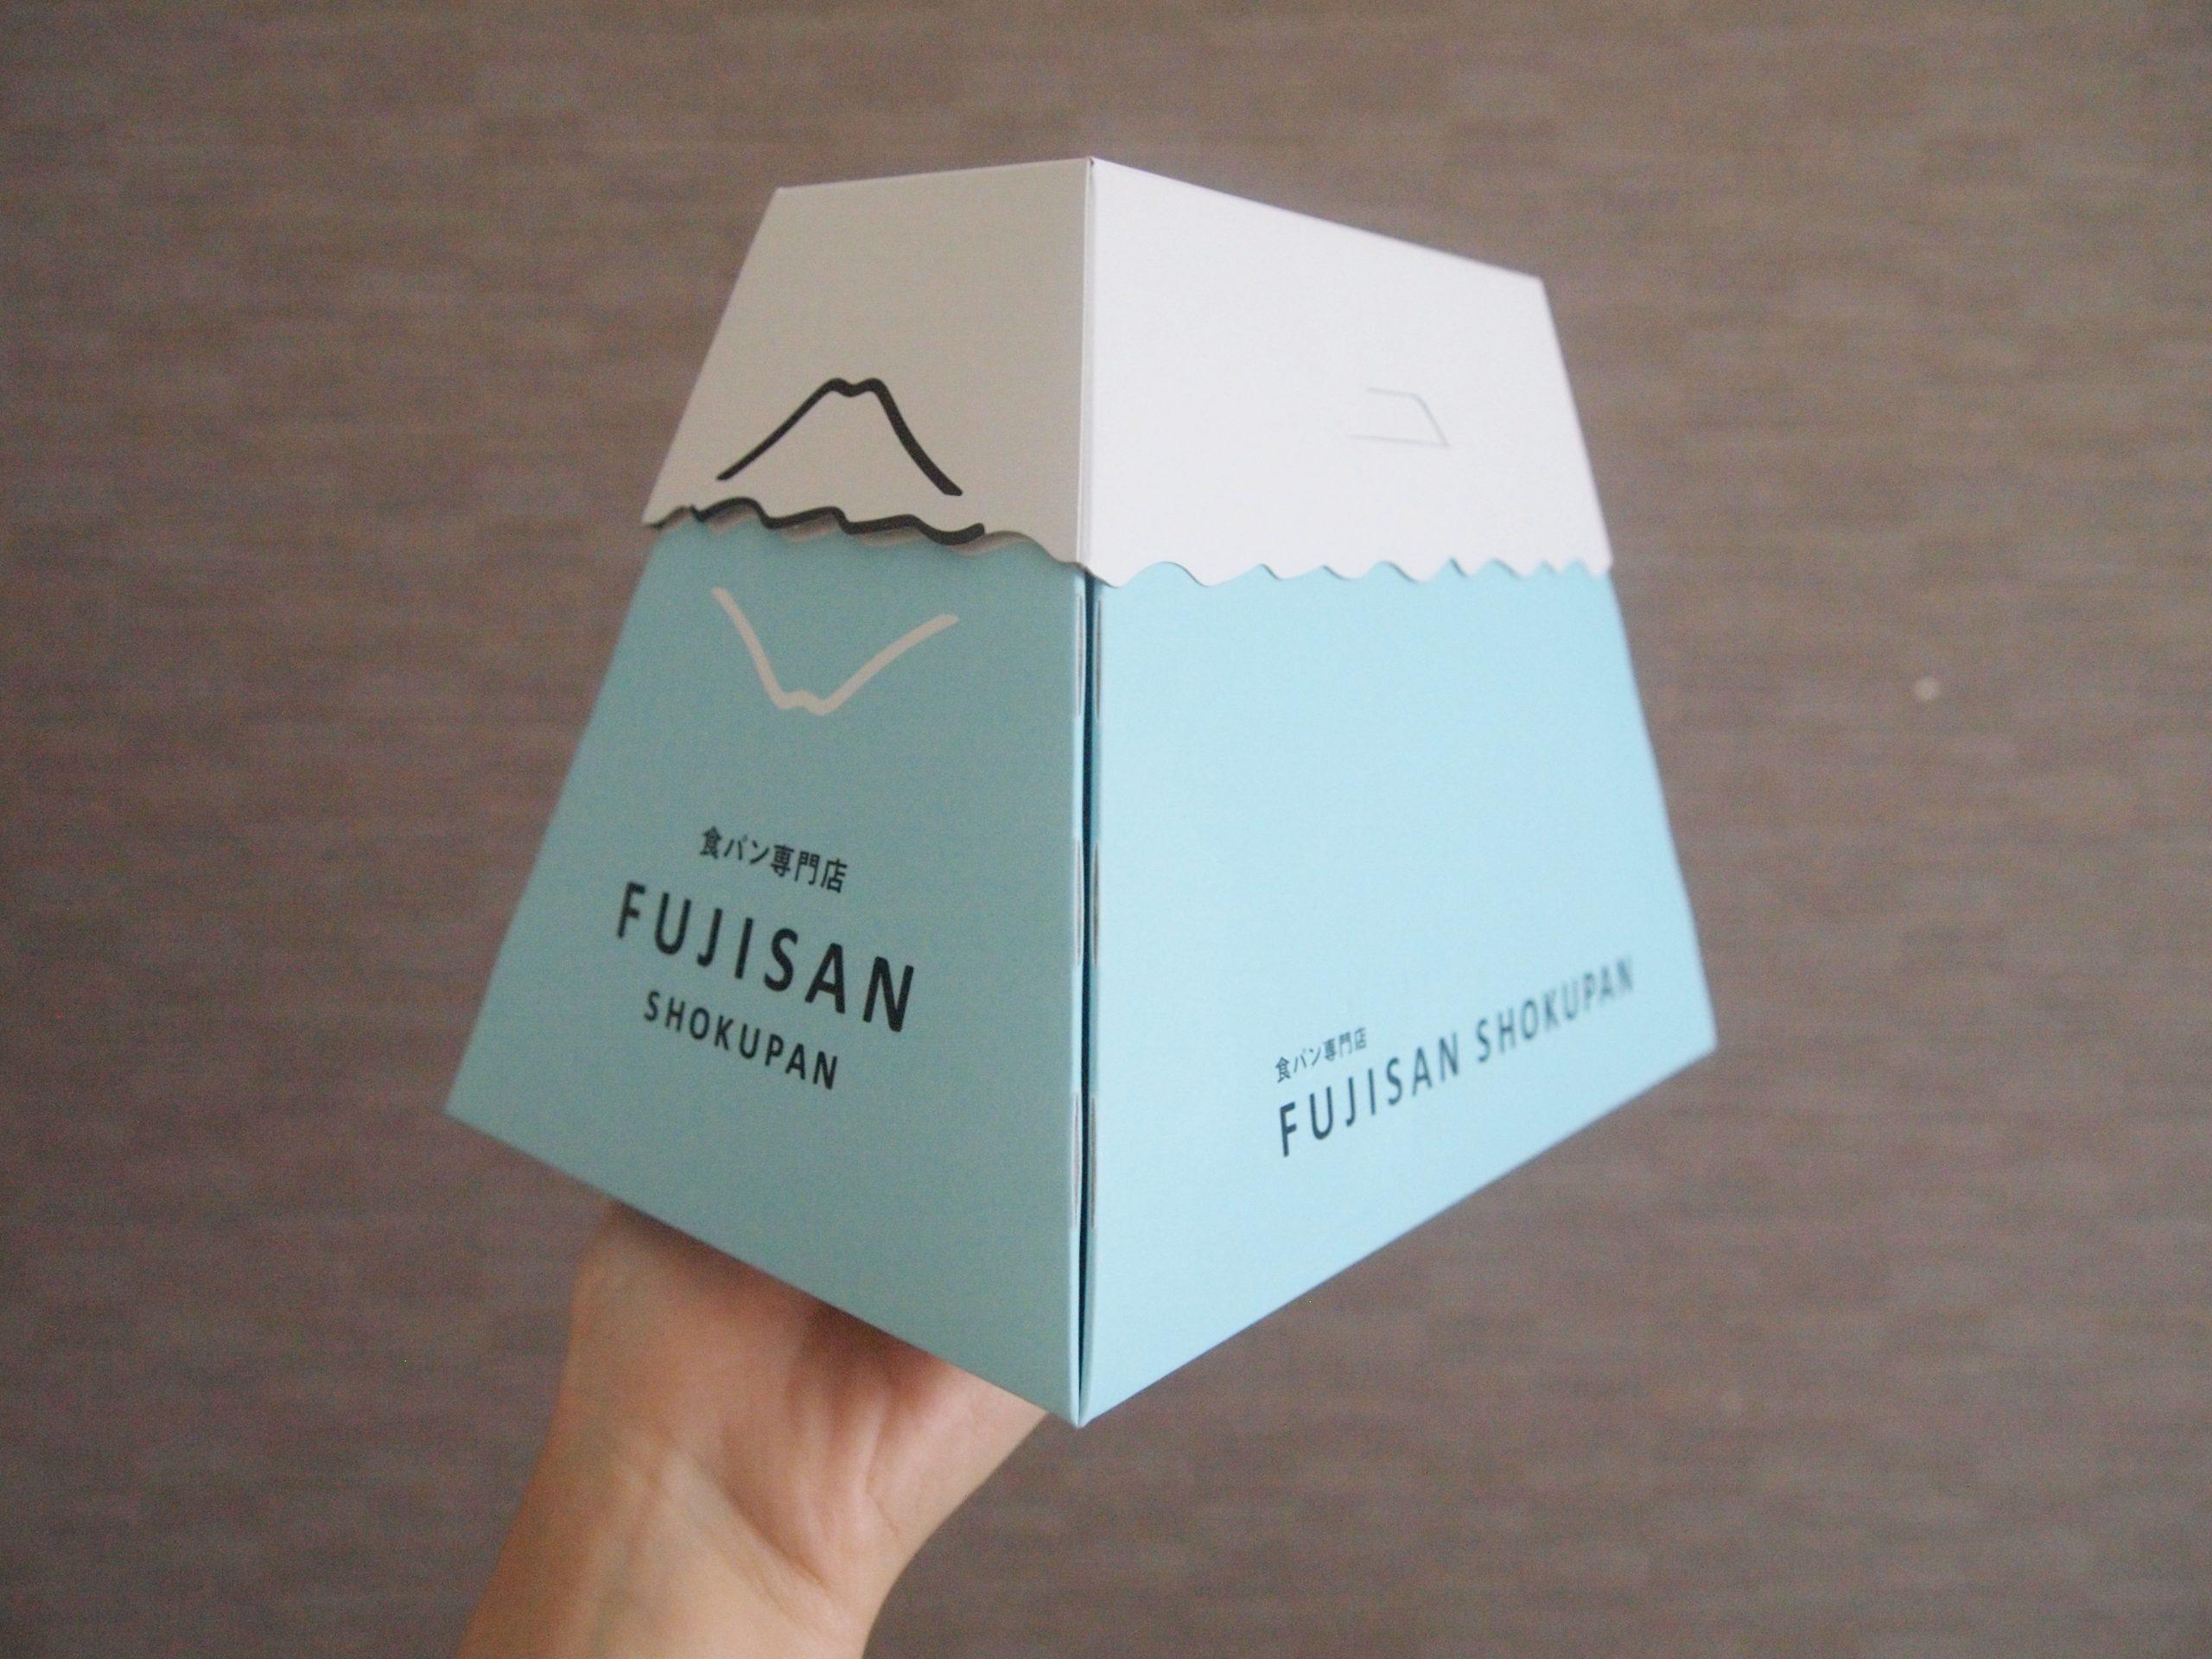 食パン専門店FUJISAN SHOKUPANの「FUJISAN SHOKUPAN」化粧箱